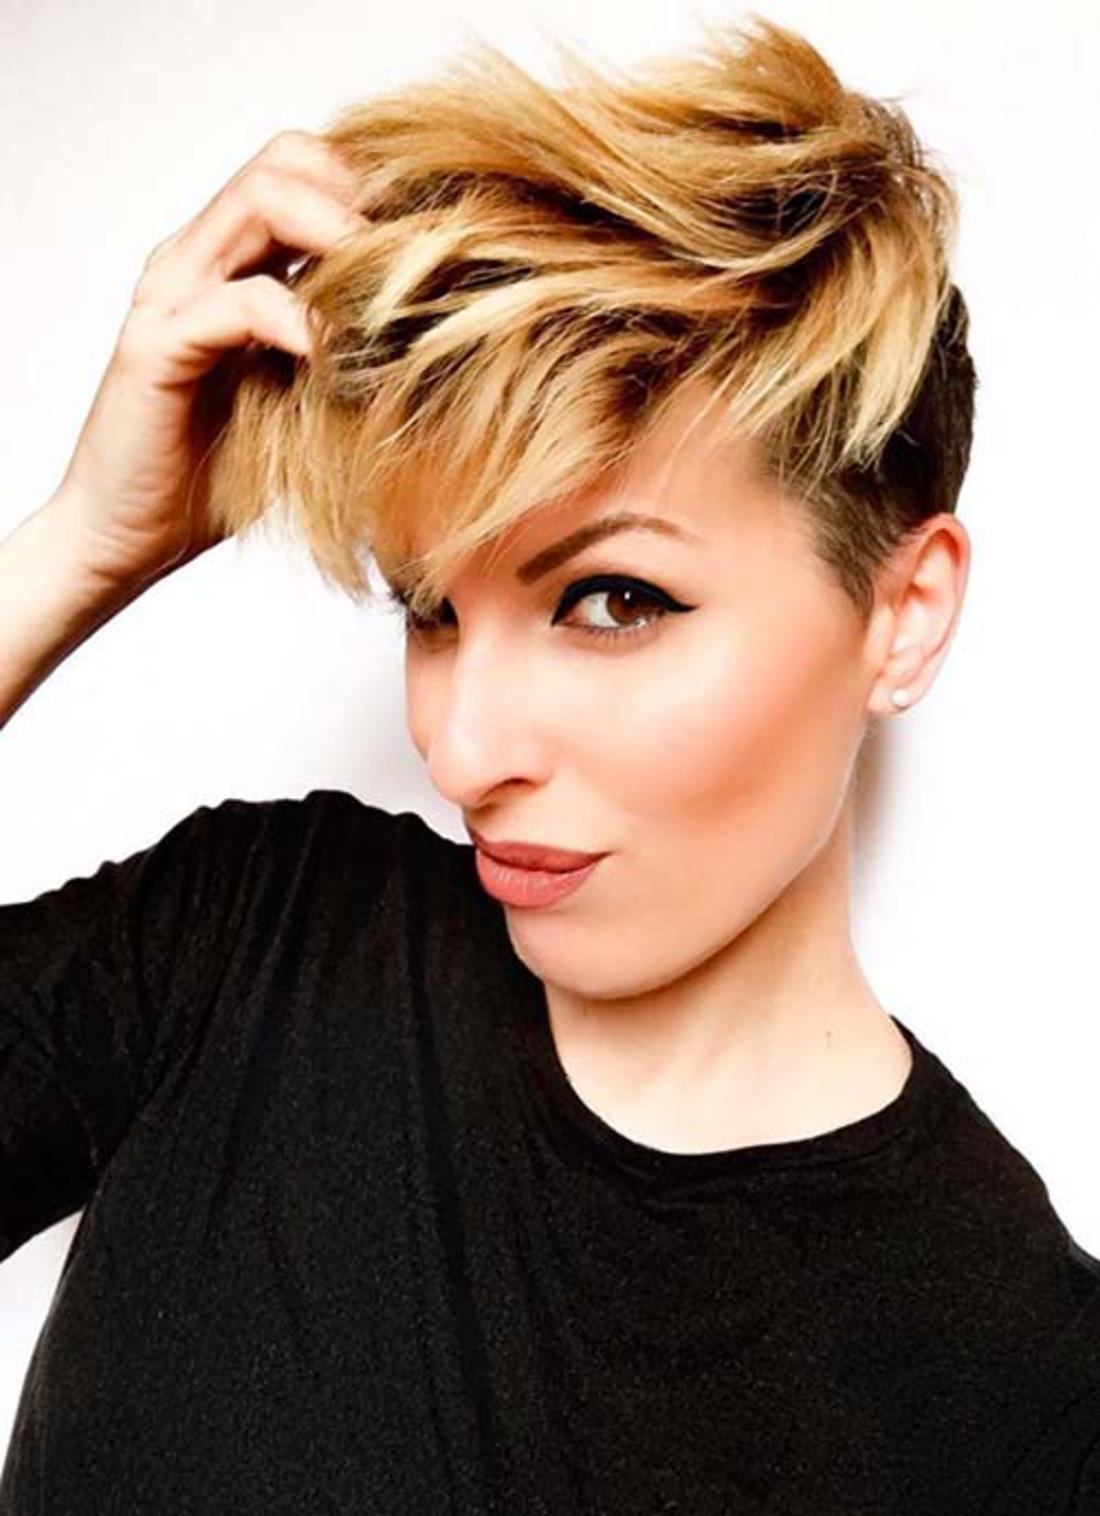 lässiges blonde und schwarze Frisur - Damen Undercut kleine Ohrringe, schwarze Bluse